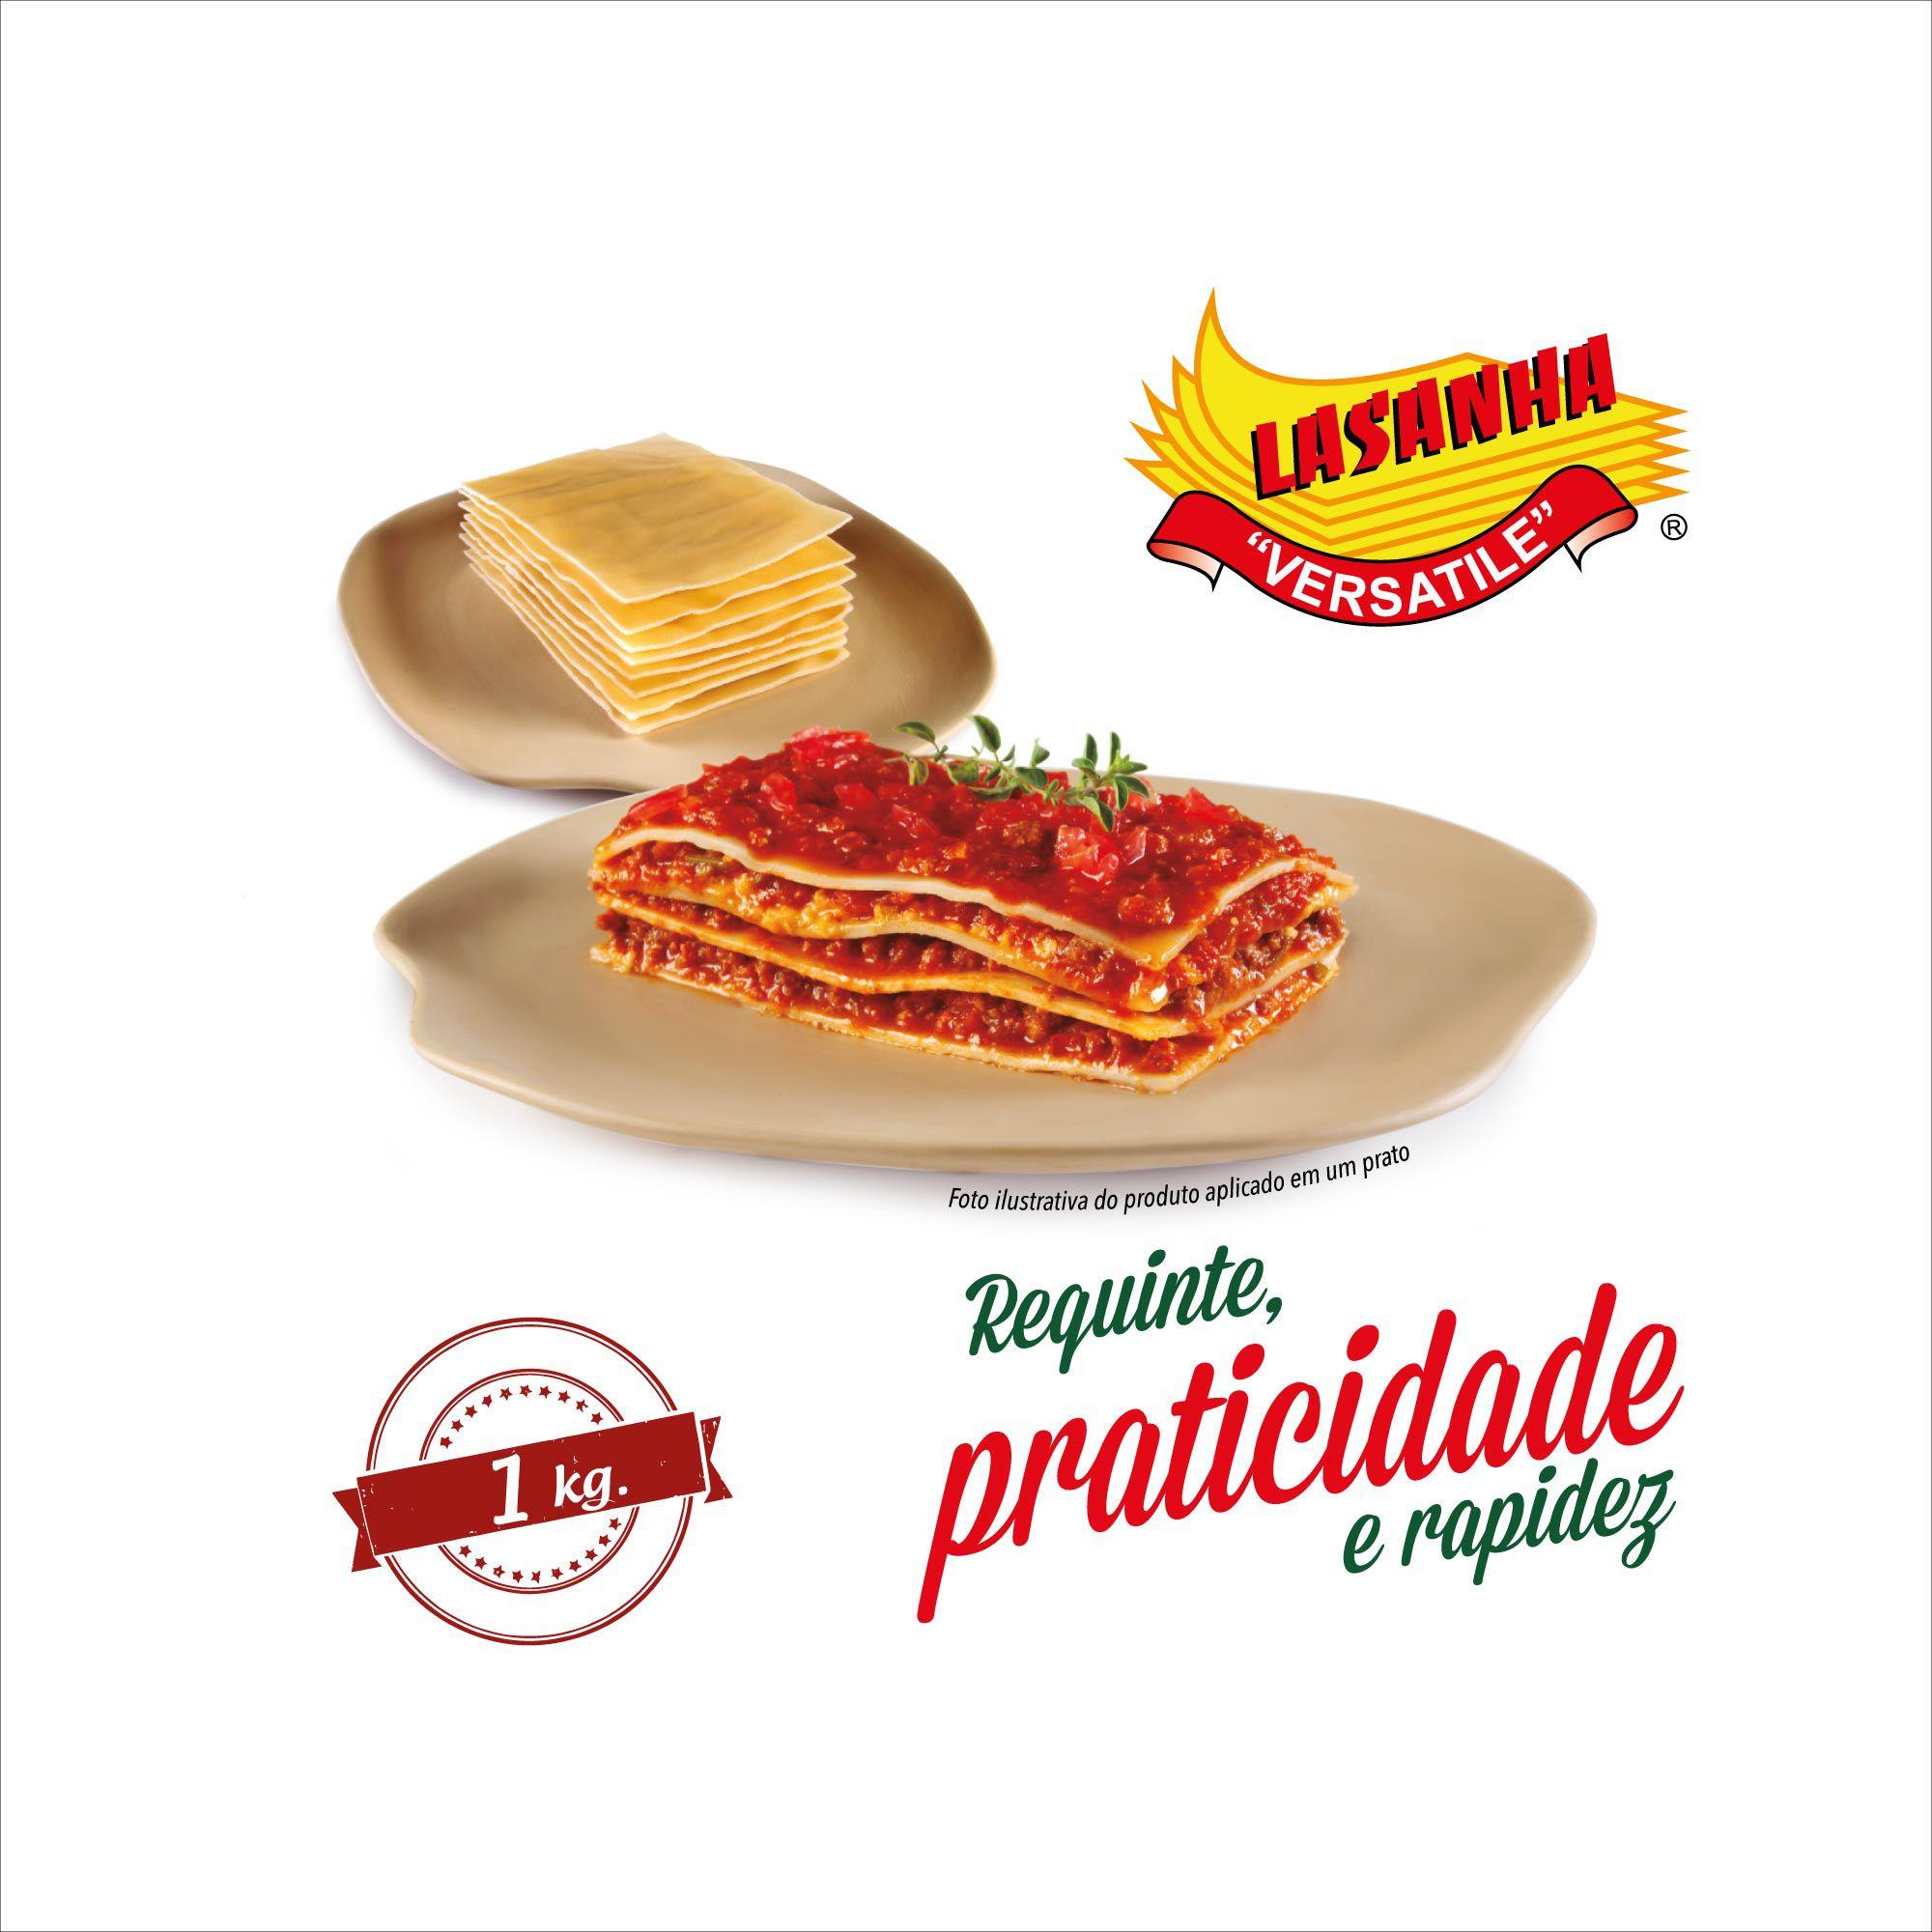 Lasanha Versatile® 1 kg